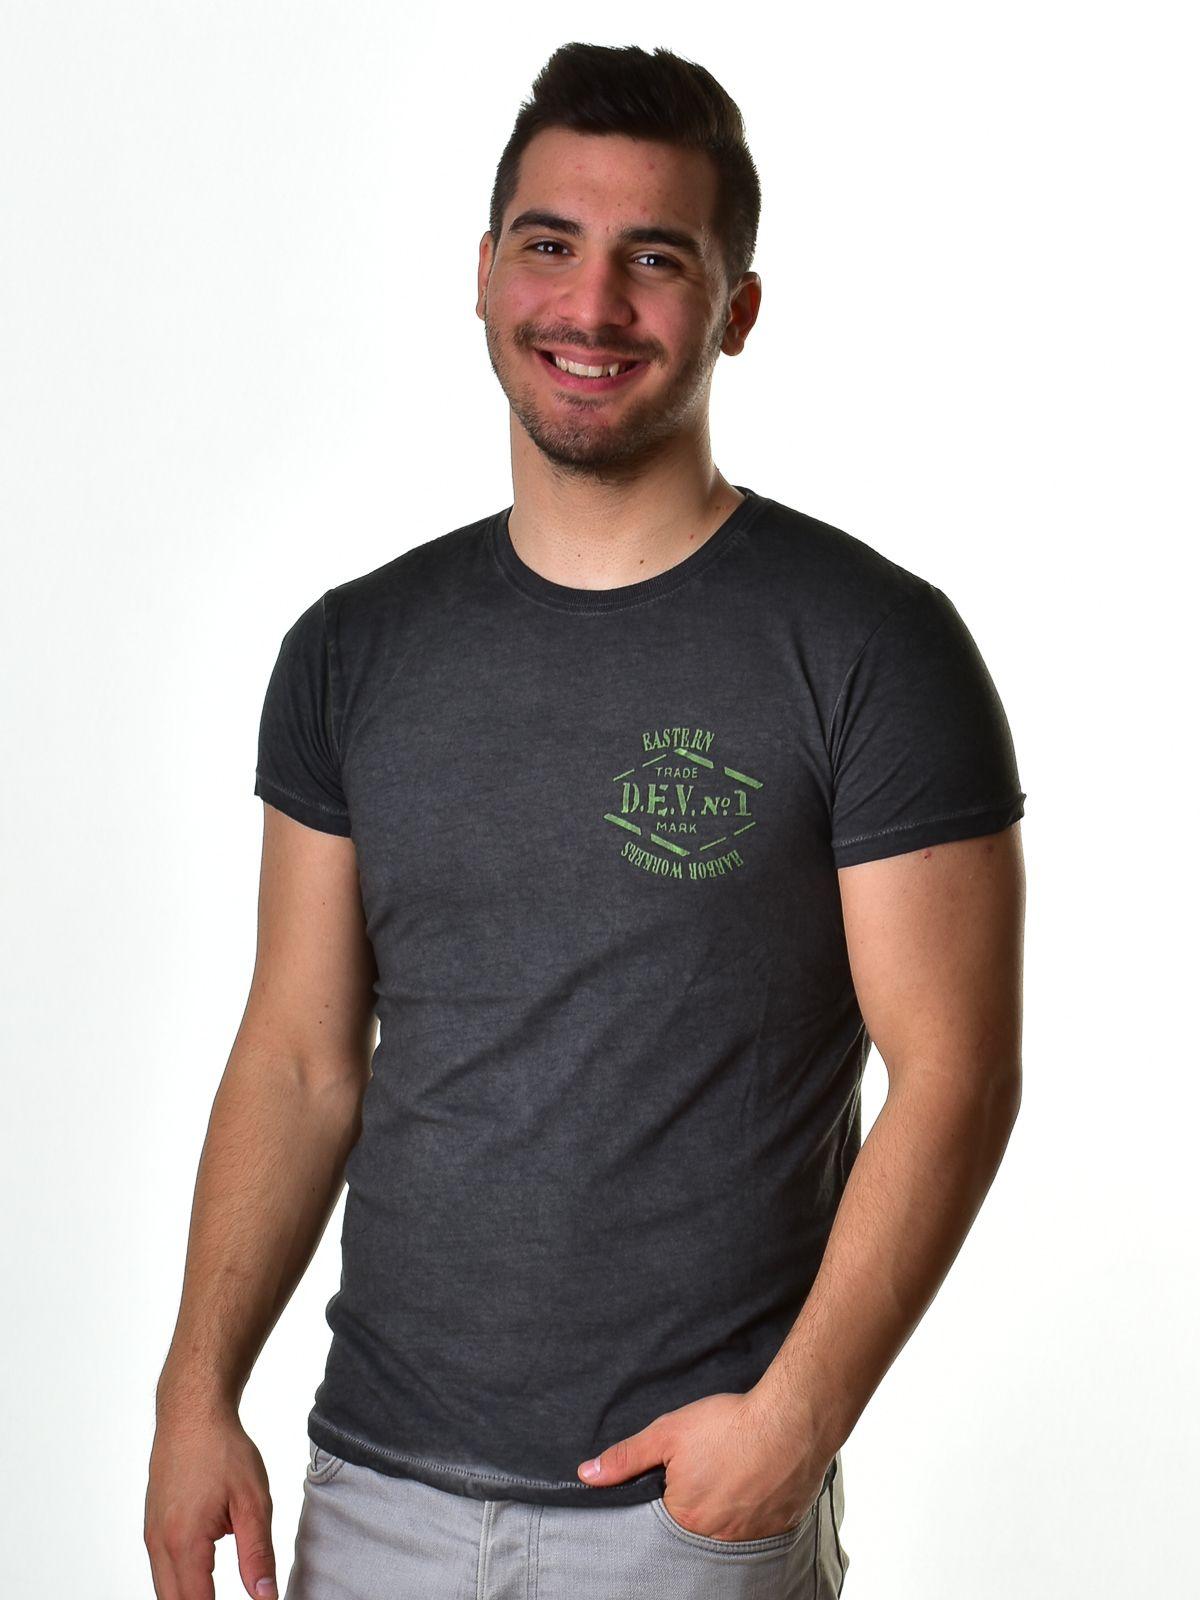 b75980a355 Akciós   Devergo férfi póló   Markasbolt.hu Hivatalos DEVERGO forgalmazó